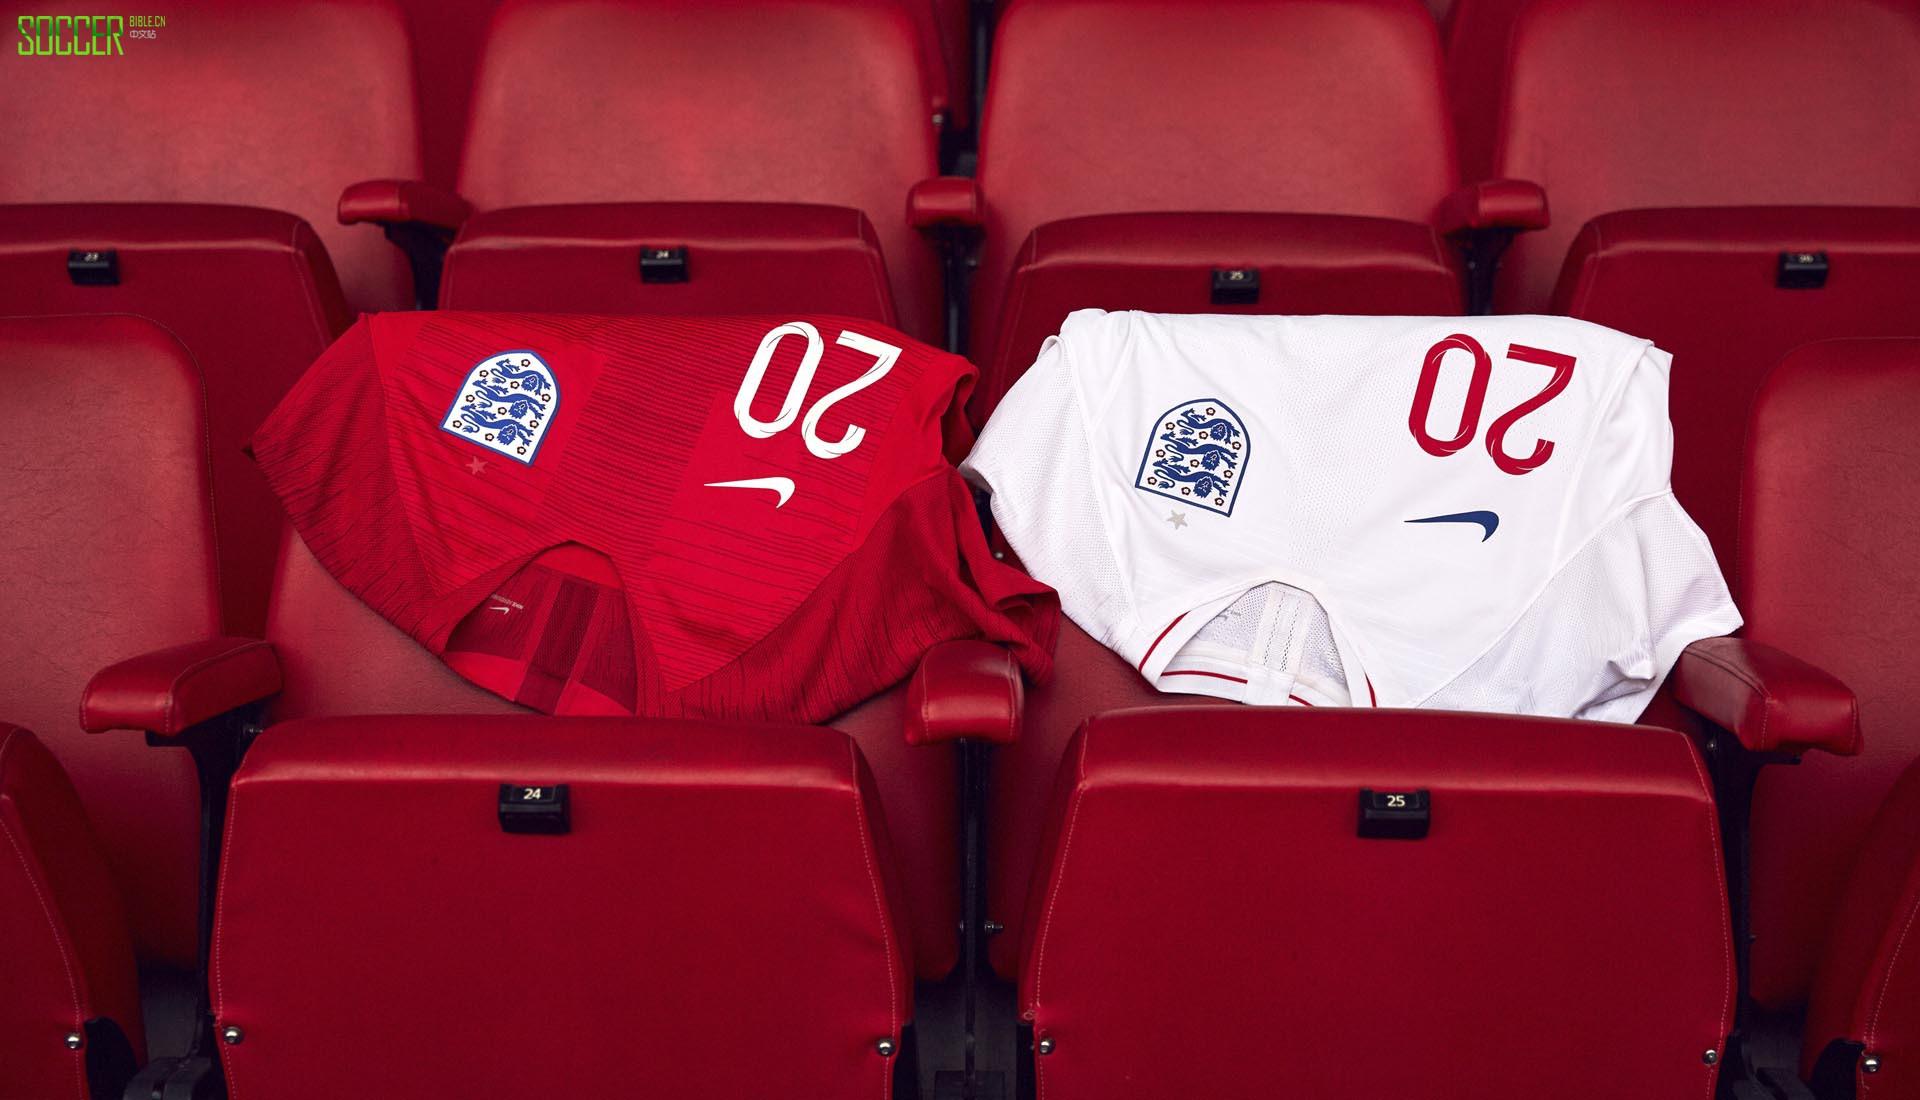 耐克发布英格兰2018世界杯客场球衣